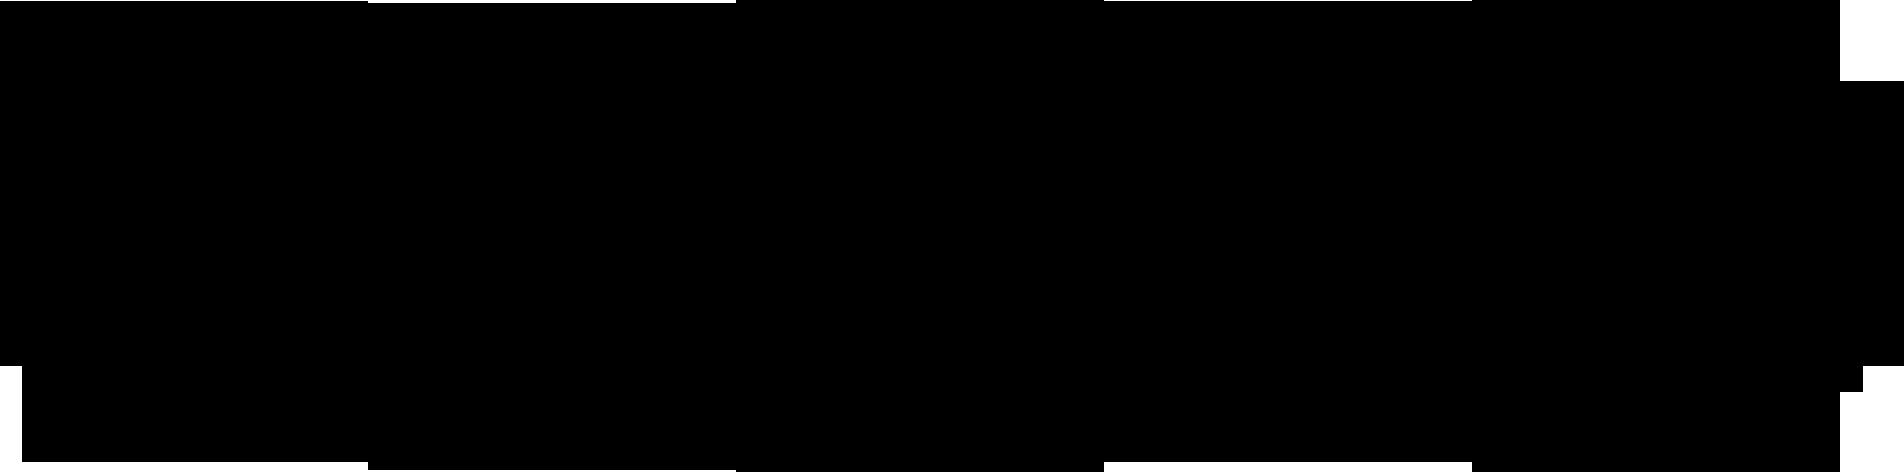 Nero Burning ROM 19.1.1010 دانلود نرم افزار رایت و کپی انواع دیسک